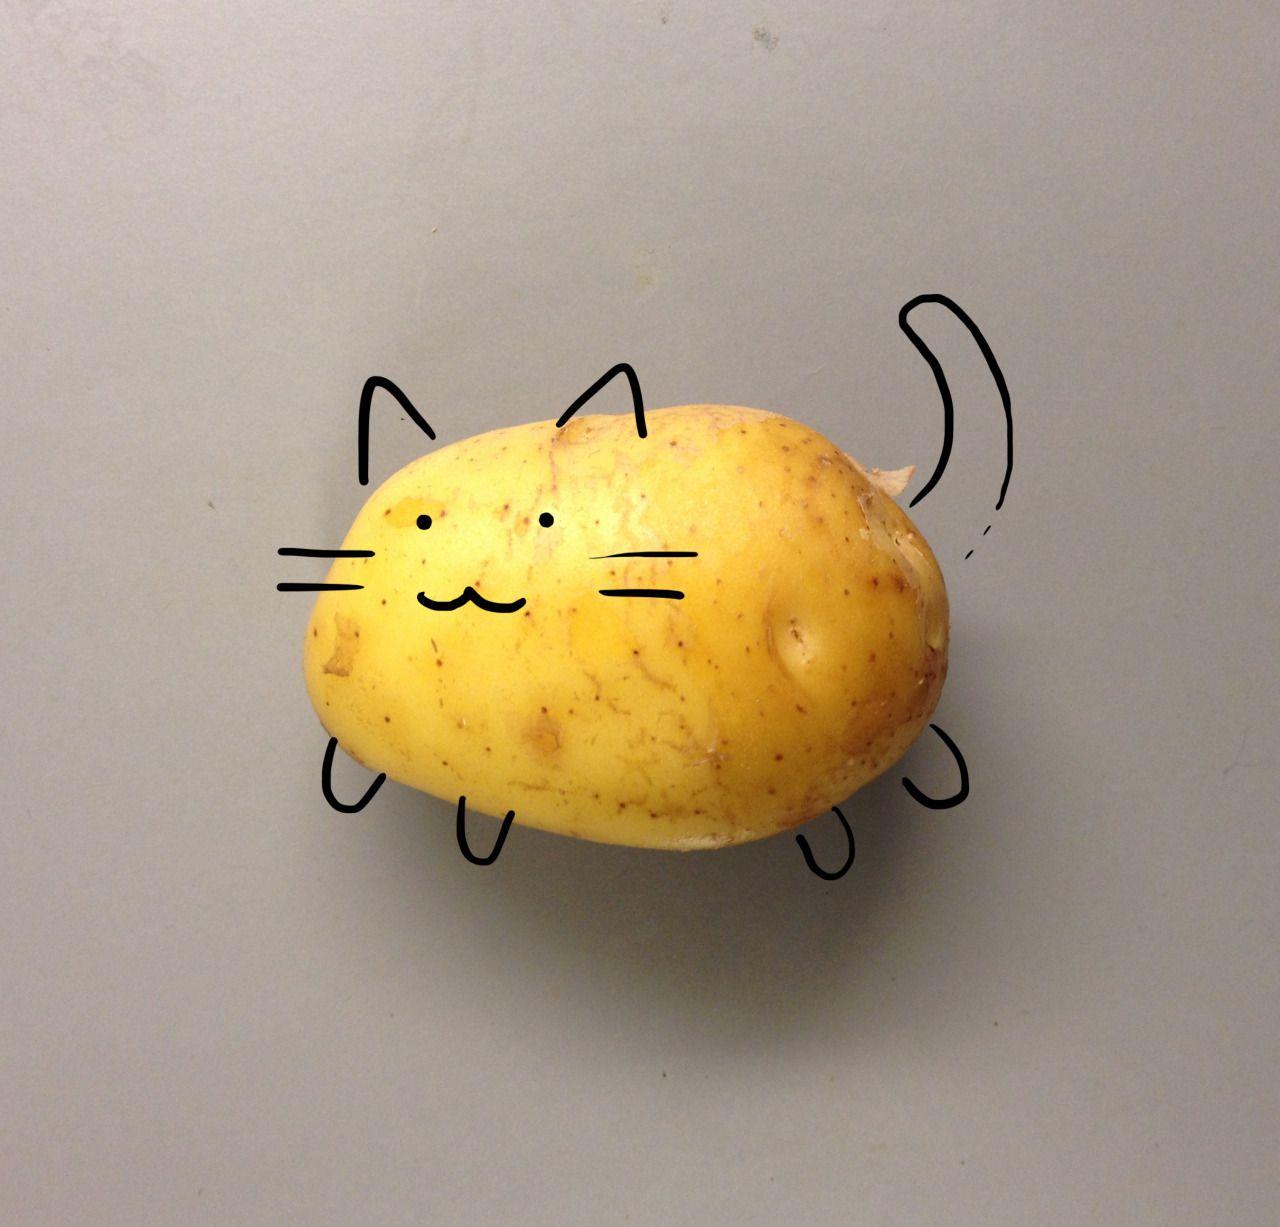 چرا گربهها سیبزمینی دوست ندارند؟